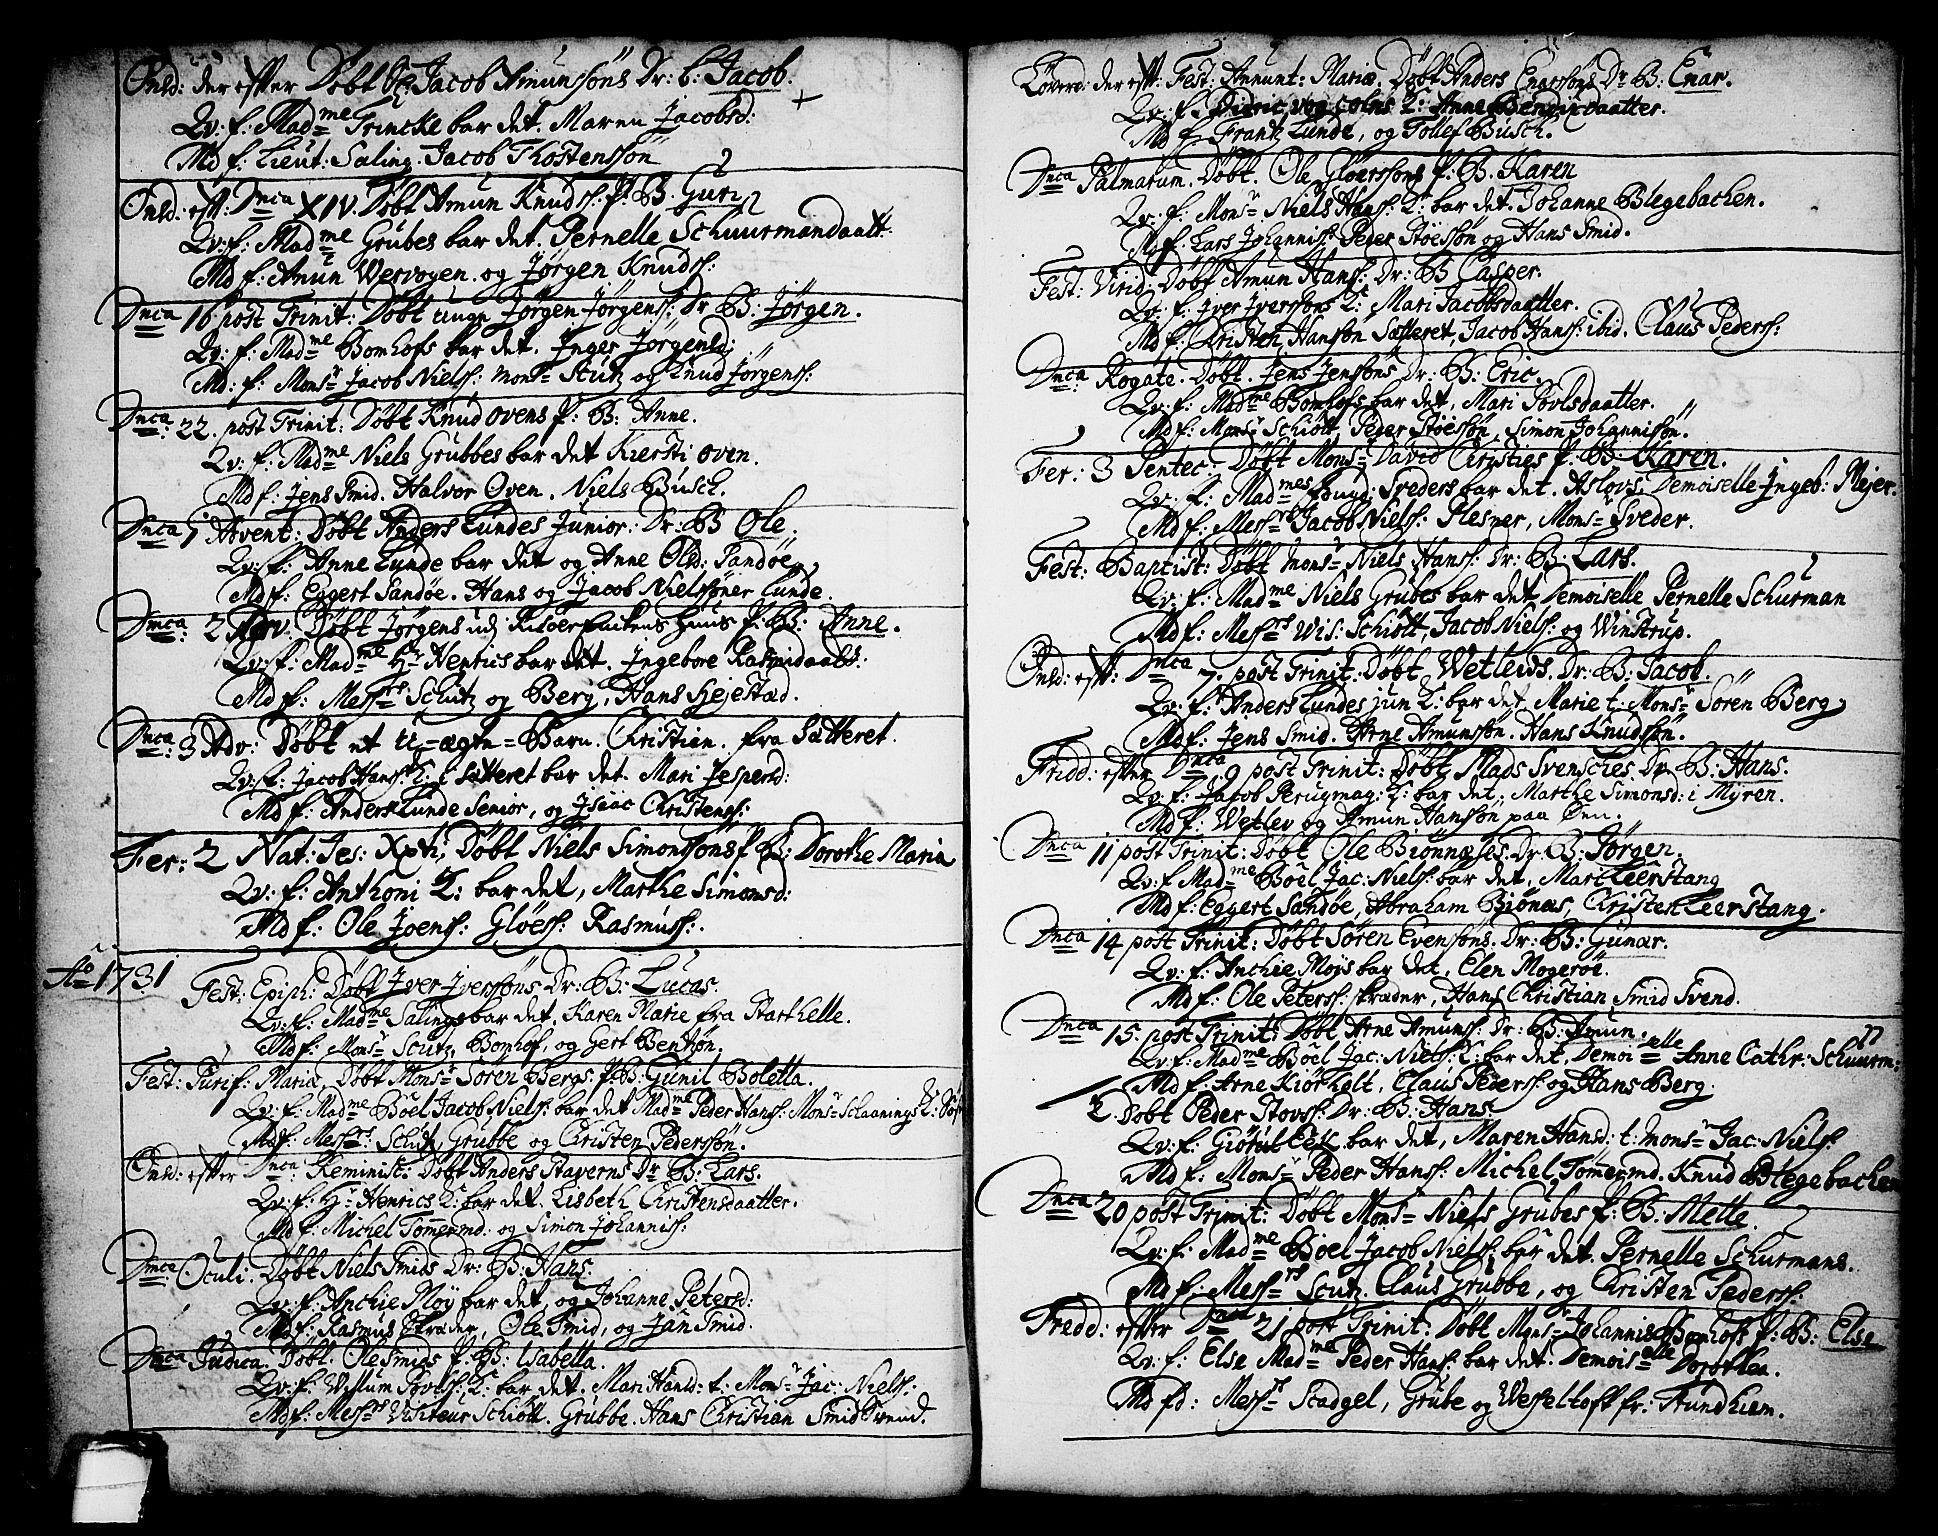 SAKO, Brevik kirkebøker, F/Fa/L0002: Ministerialbok nr. 2, 1720-1764, s. 34b